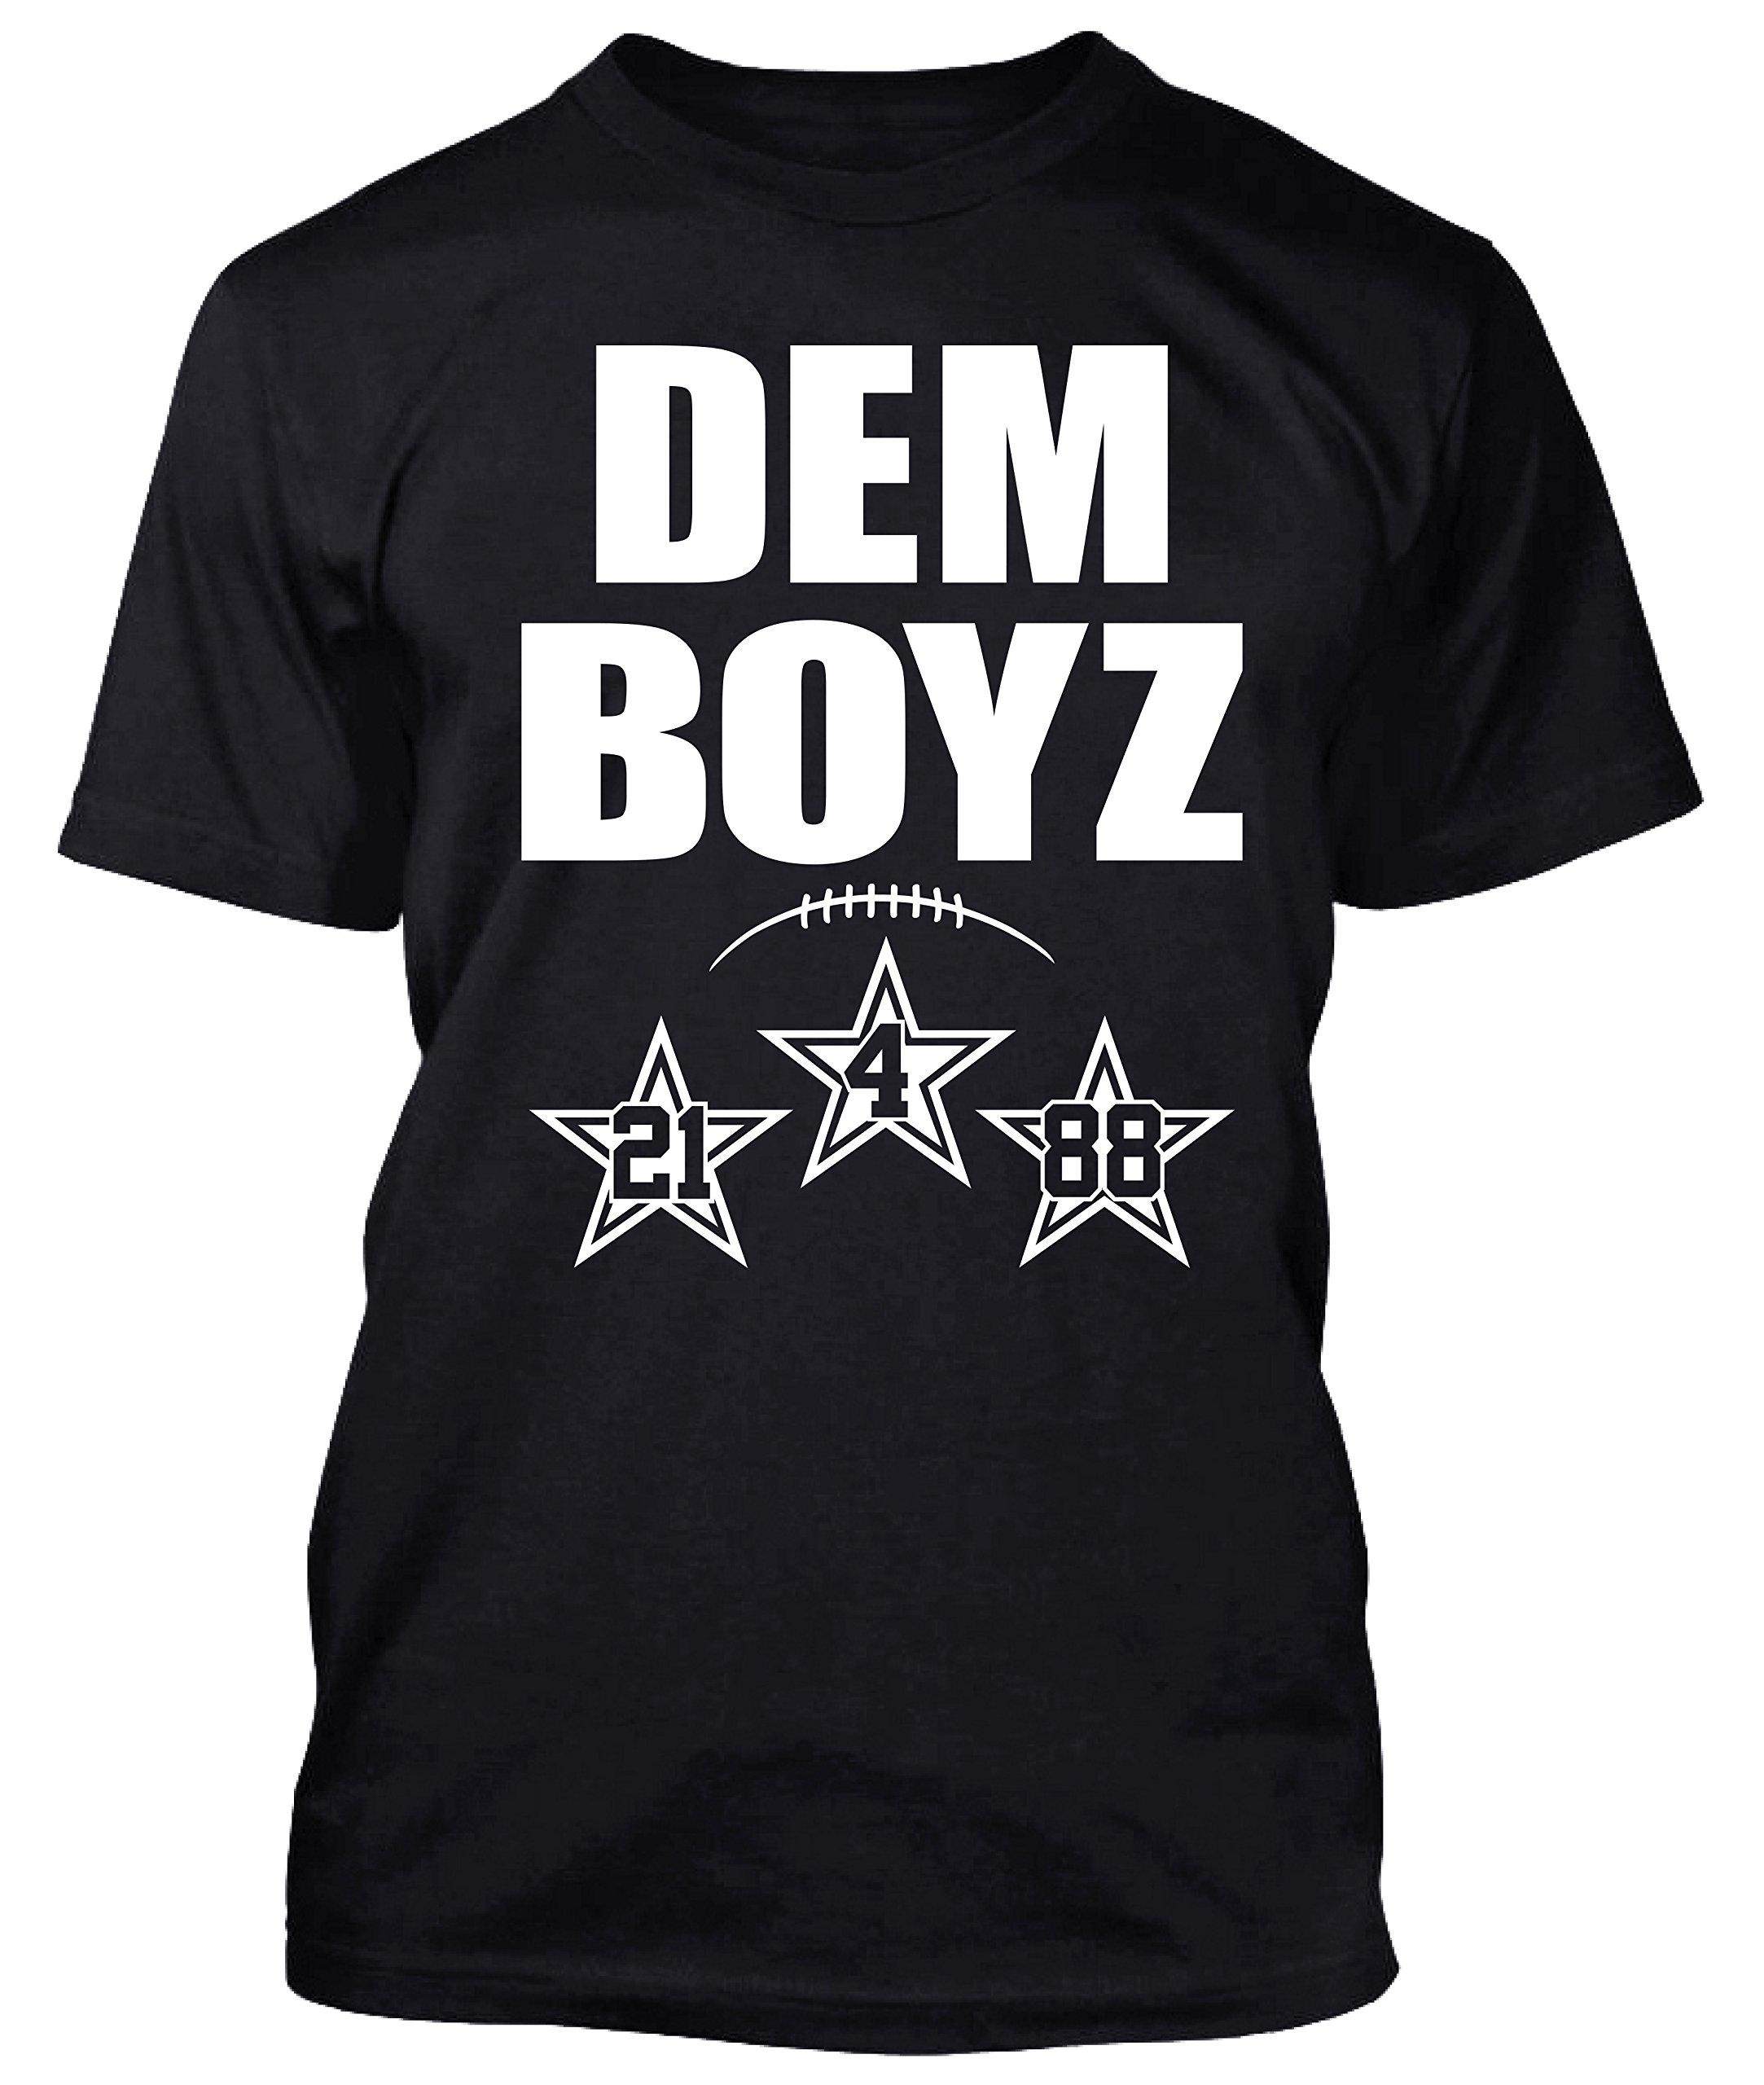 Camisa Dem Boyz (negra, 3XL): Amazon.es: Deportes y aire libre